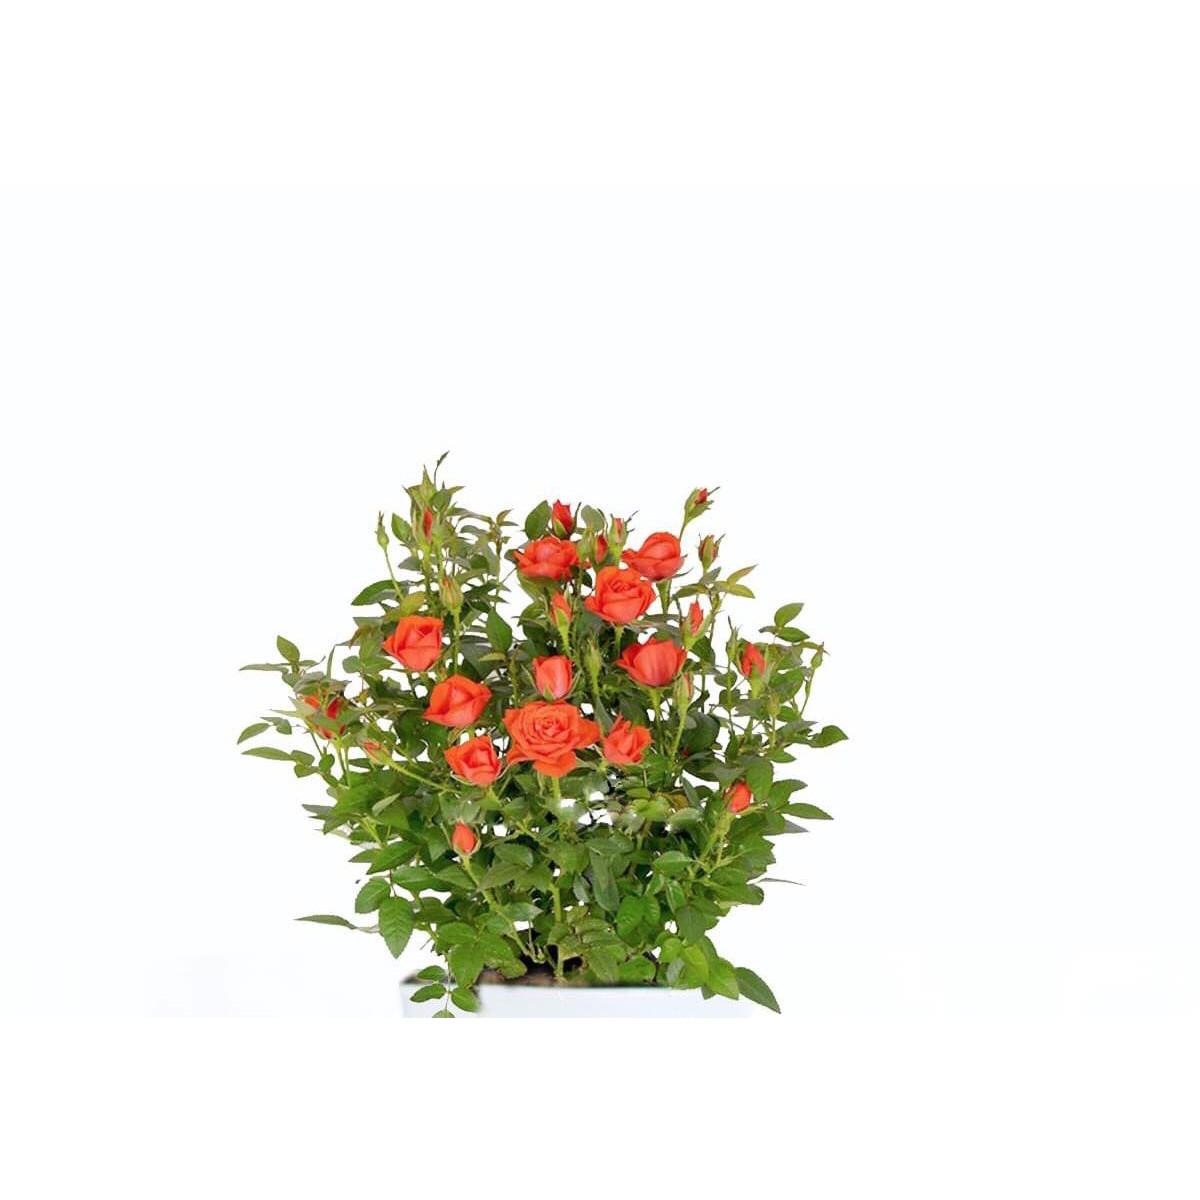 Cây hoa hồng đỏ siêu bông